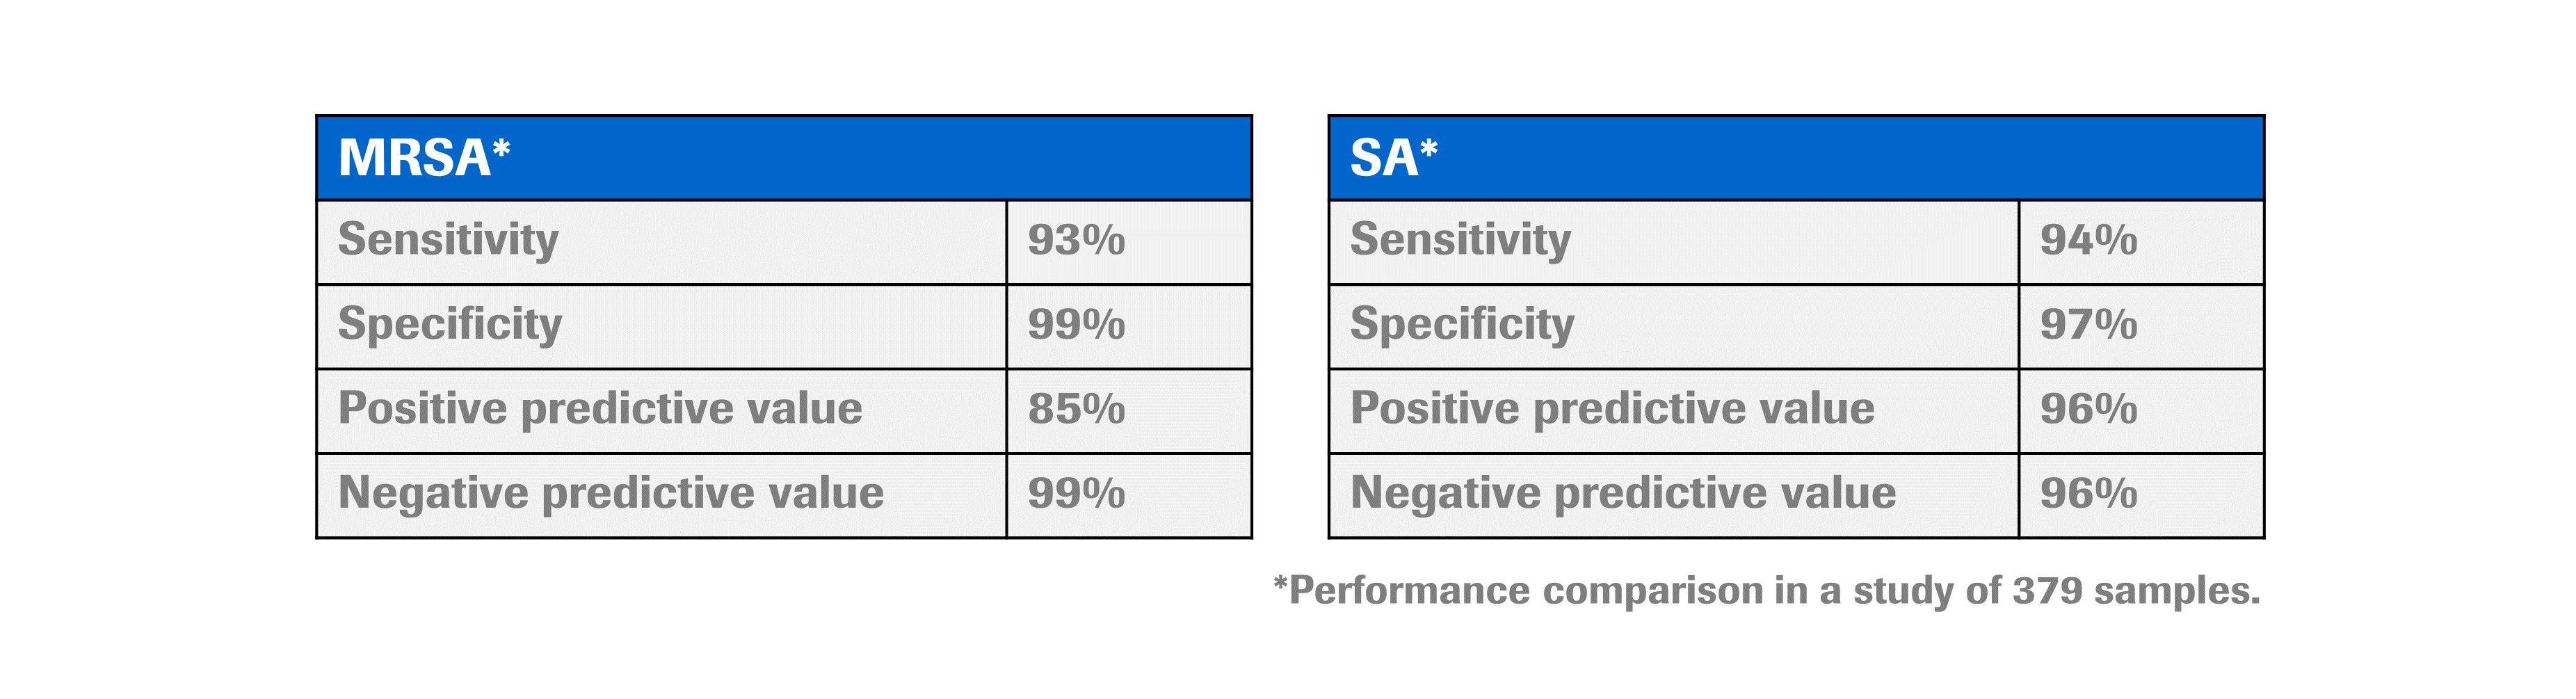 cobas MRSA/SA Test table